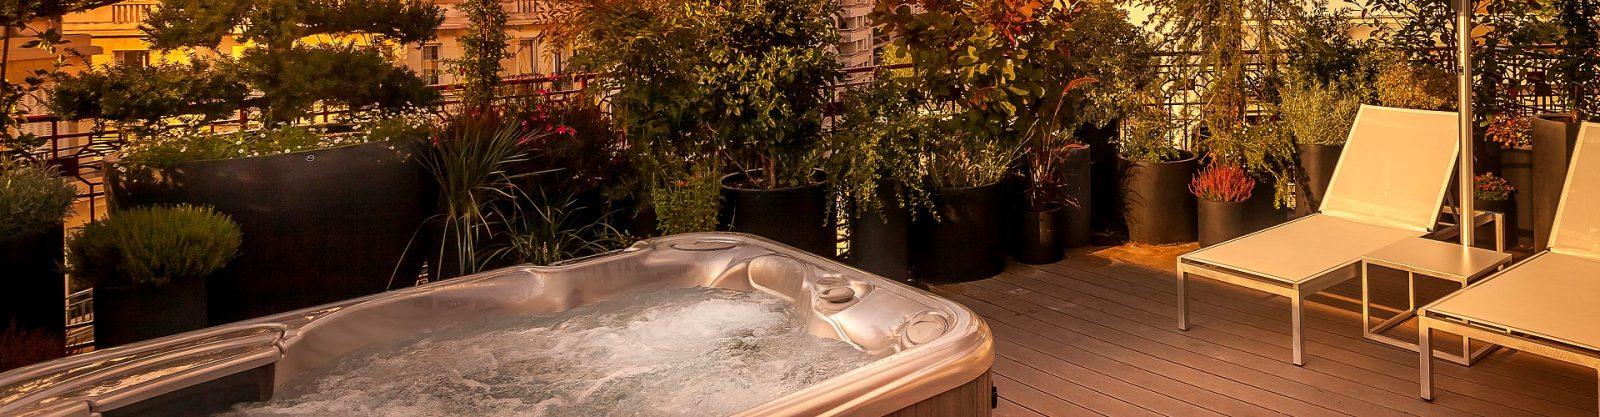 header hotel privatif paris felicien by elegancia